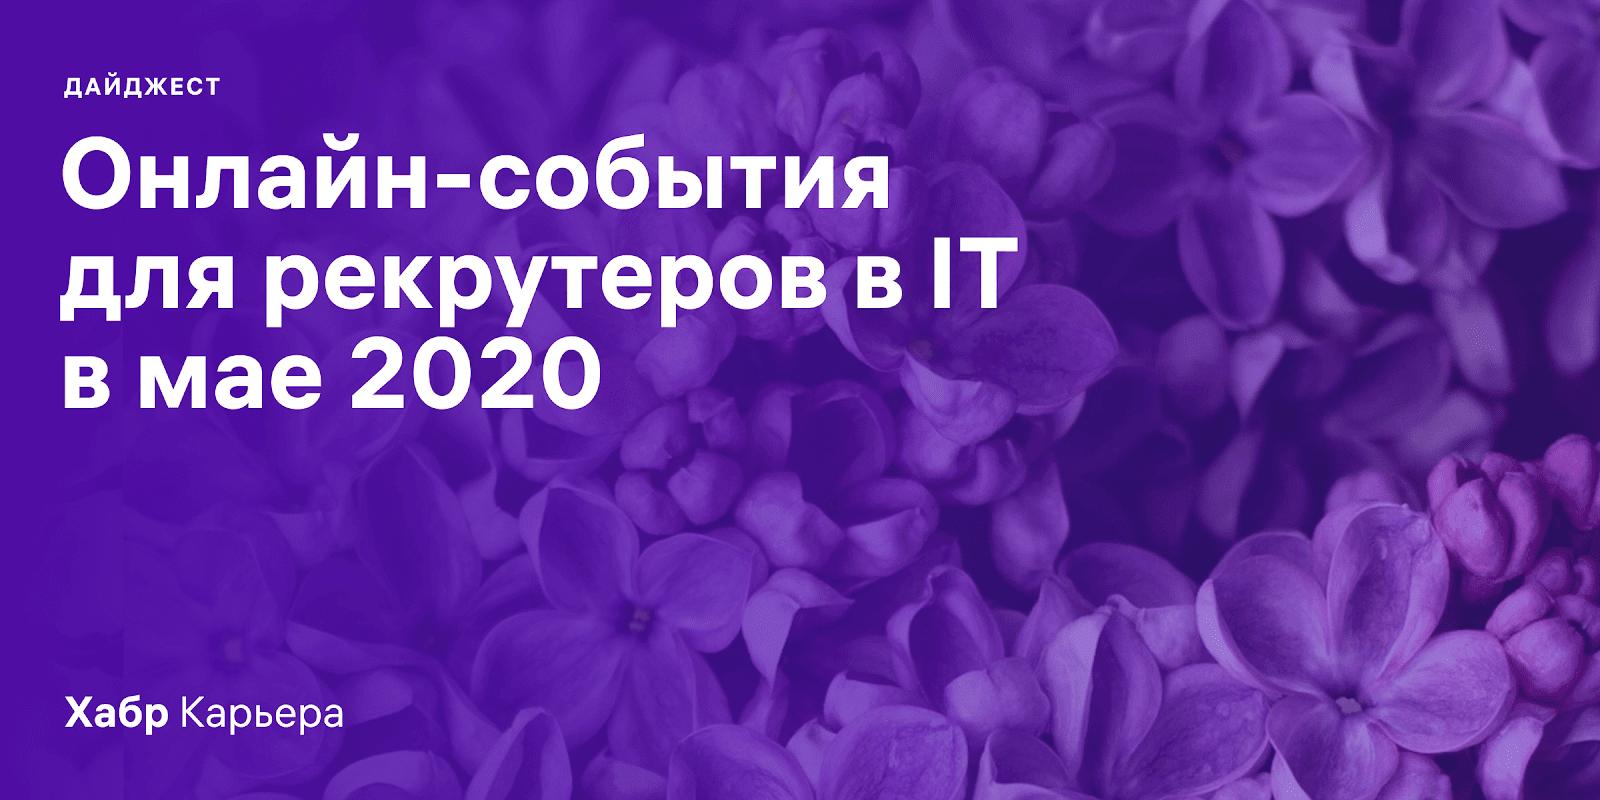 Дайджест событий для эйчаров и рекрутеров в IT на май 2020 - 1